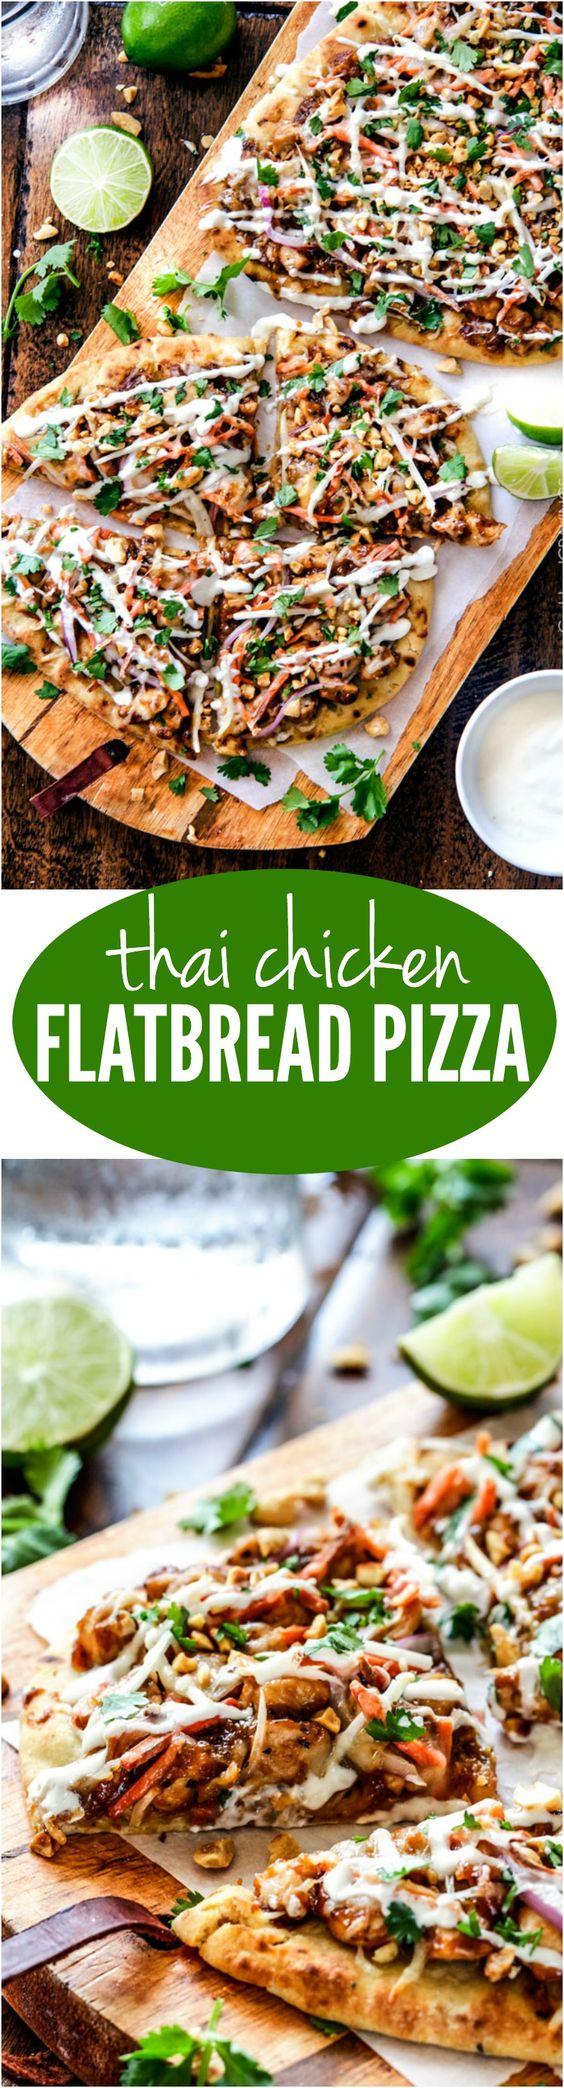 Chicken flatbread, Flatbread pizza and Thai chicken on Pinterest